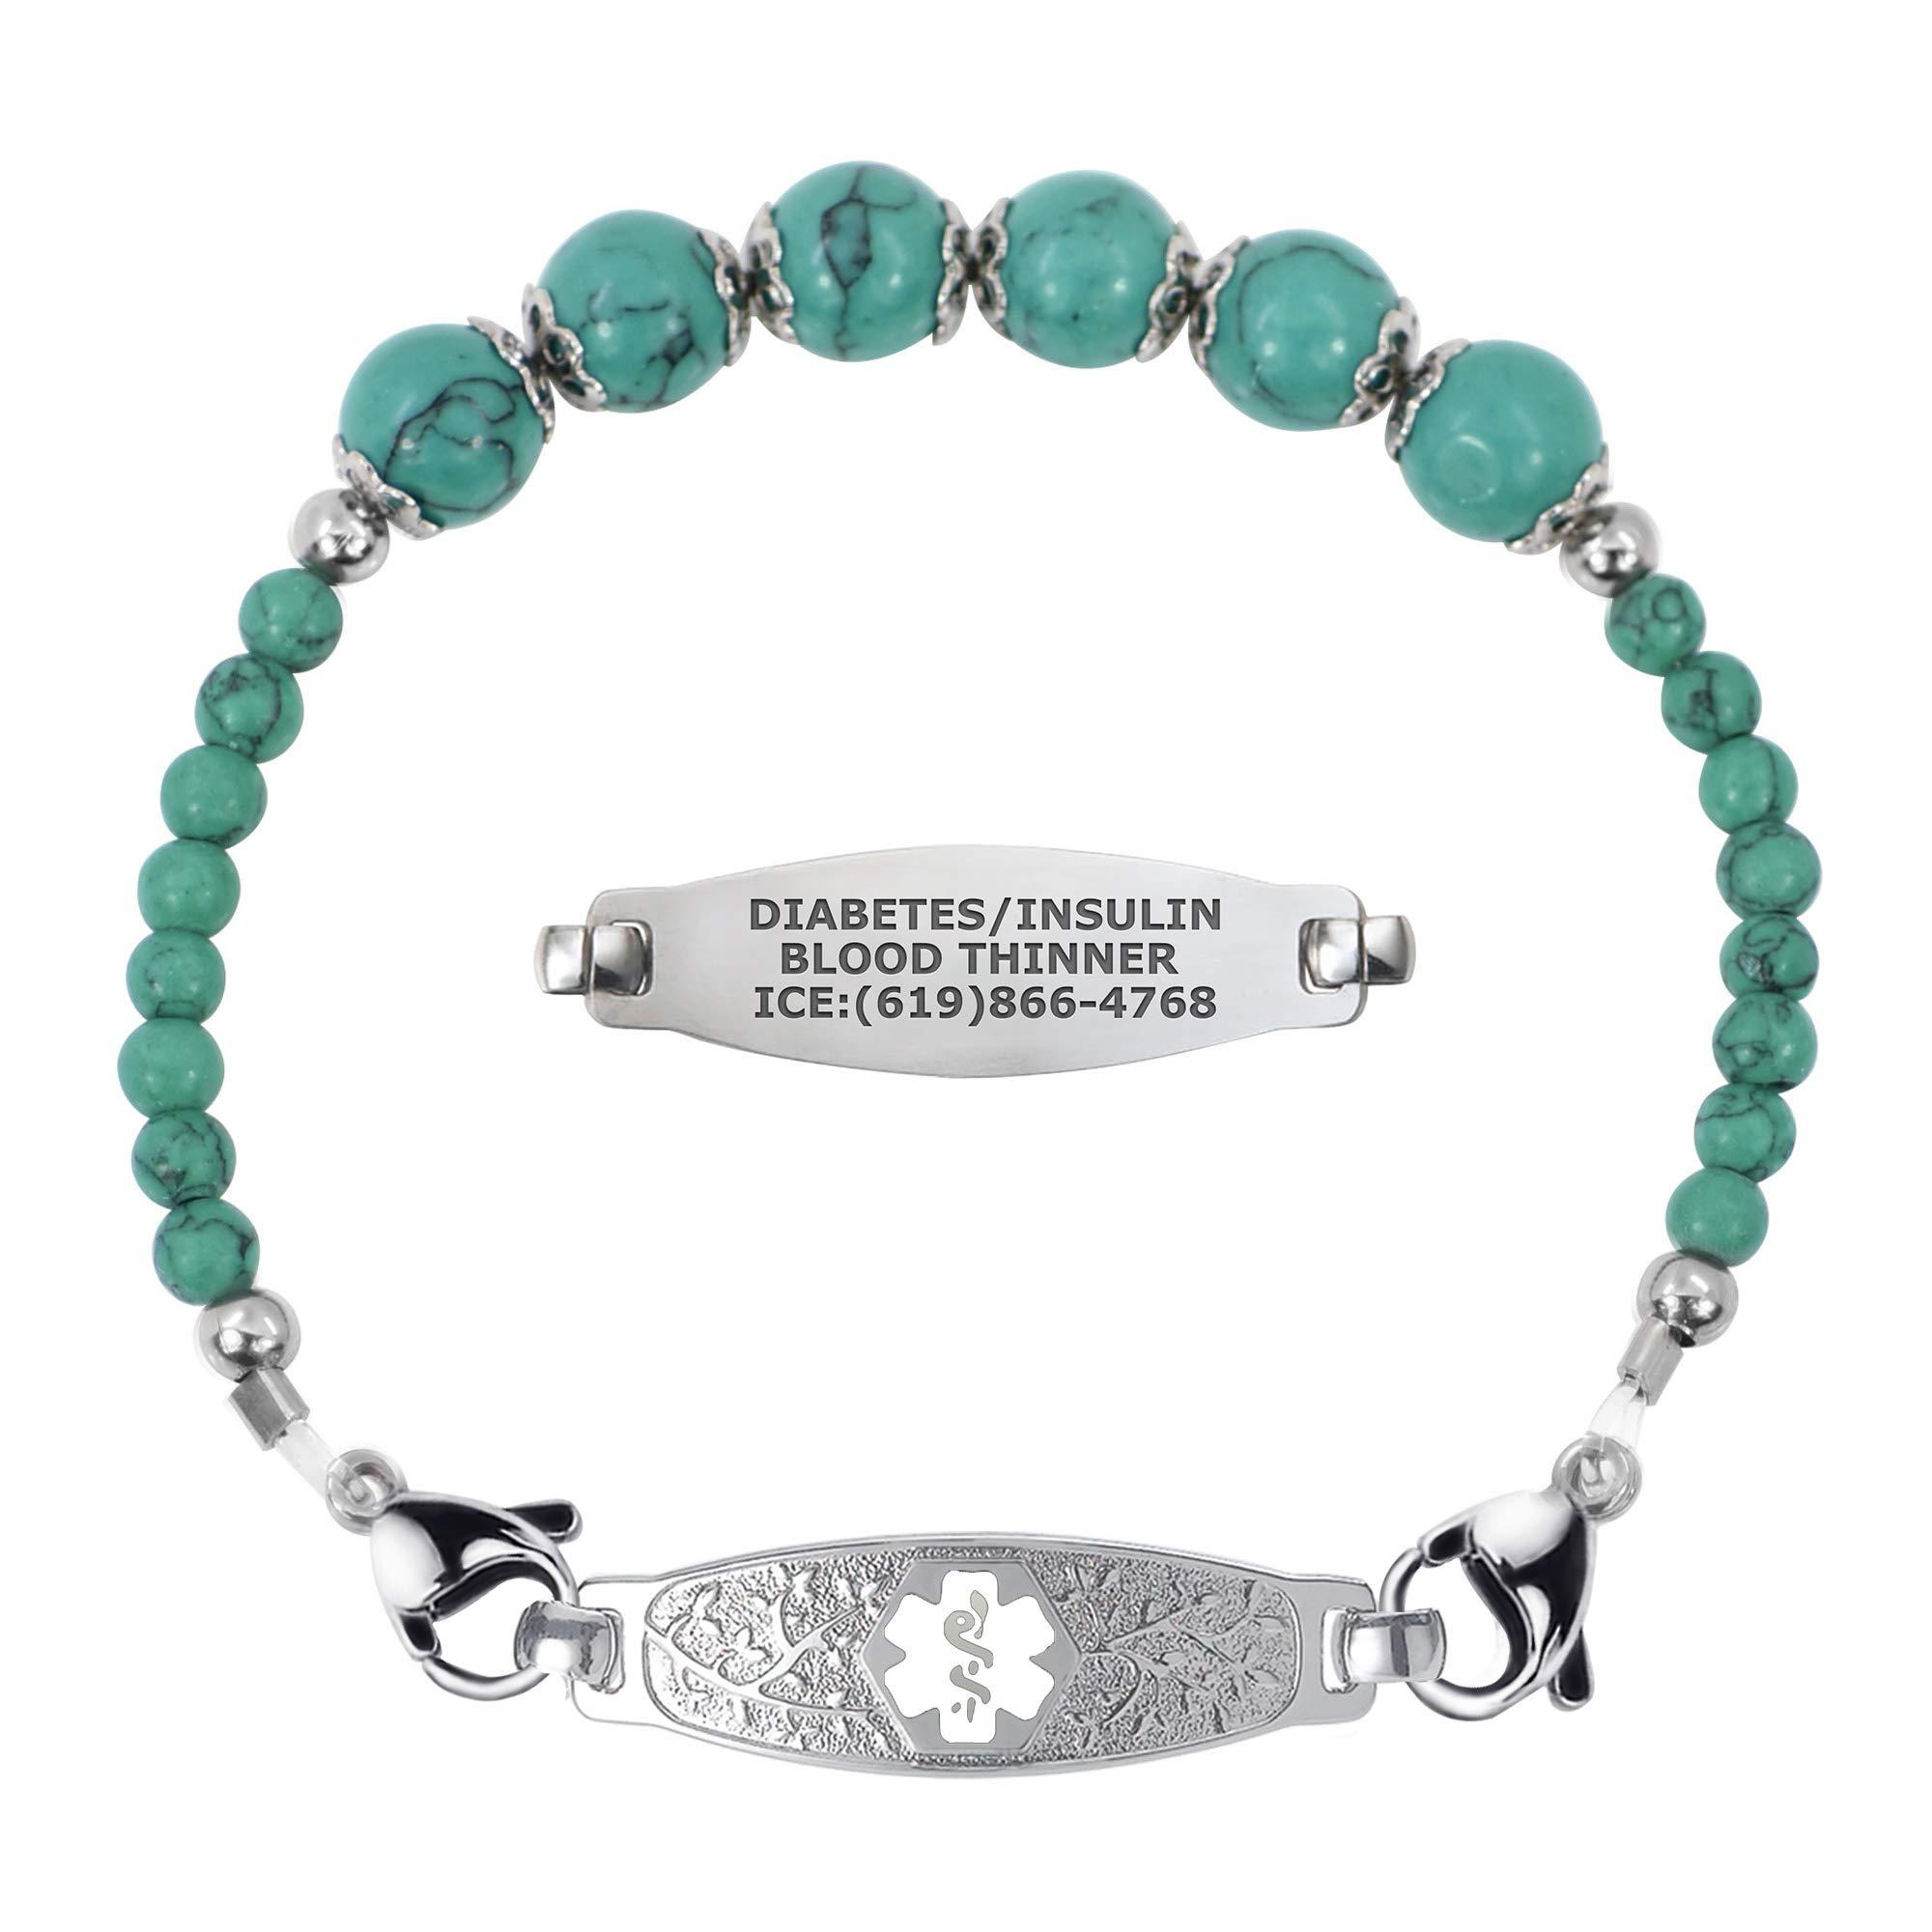 Divoti Custom Engraved Slip-on Medical Alert Bracelets for Women, Beaded Medical Bracelet, Stretch Medical Alert Bracelet Stainless Steel/Free Engraving-Olive Tag & Blue Turquoise Bead- White / 9'' by Divoti